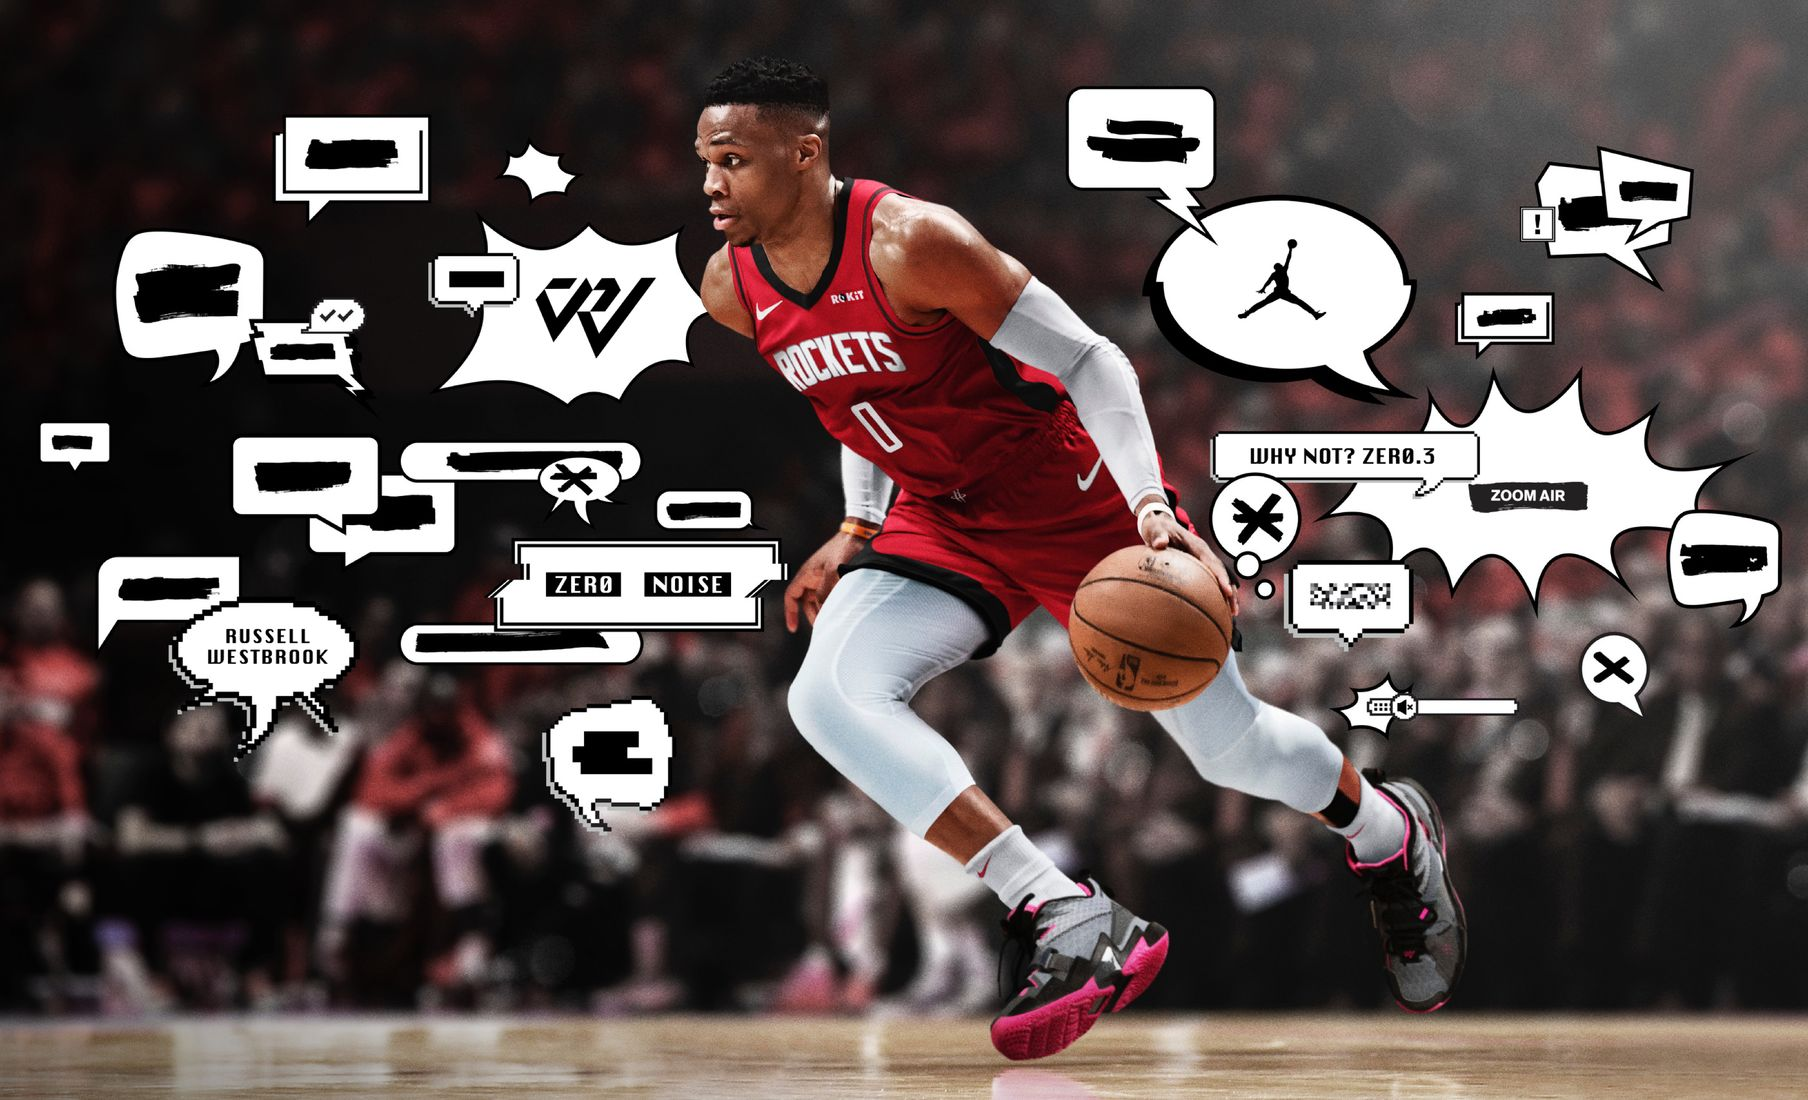 Jordan Merket. Nike NO